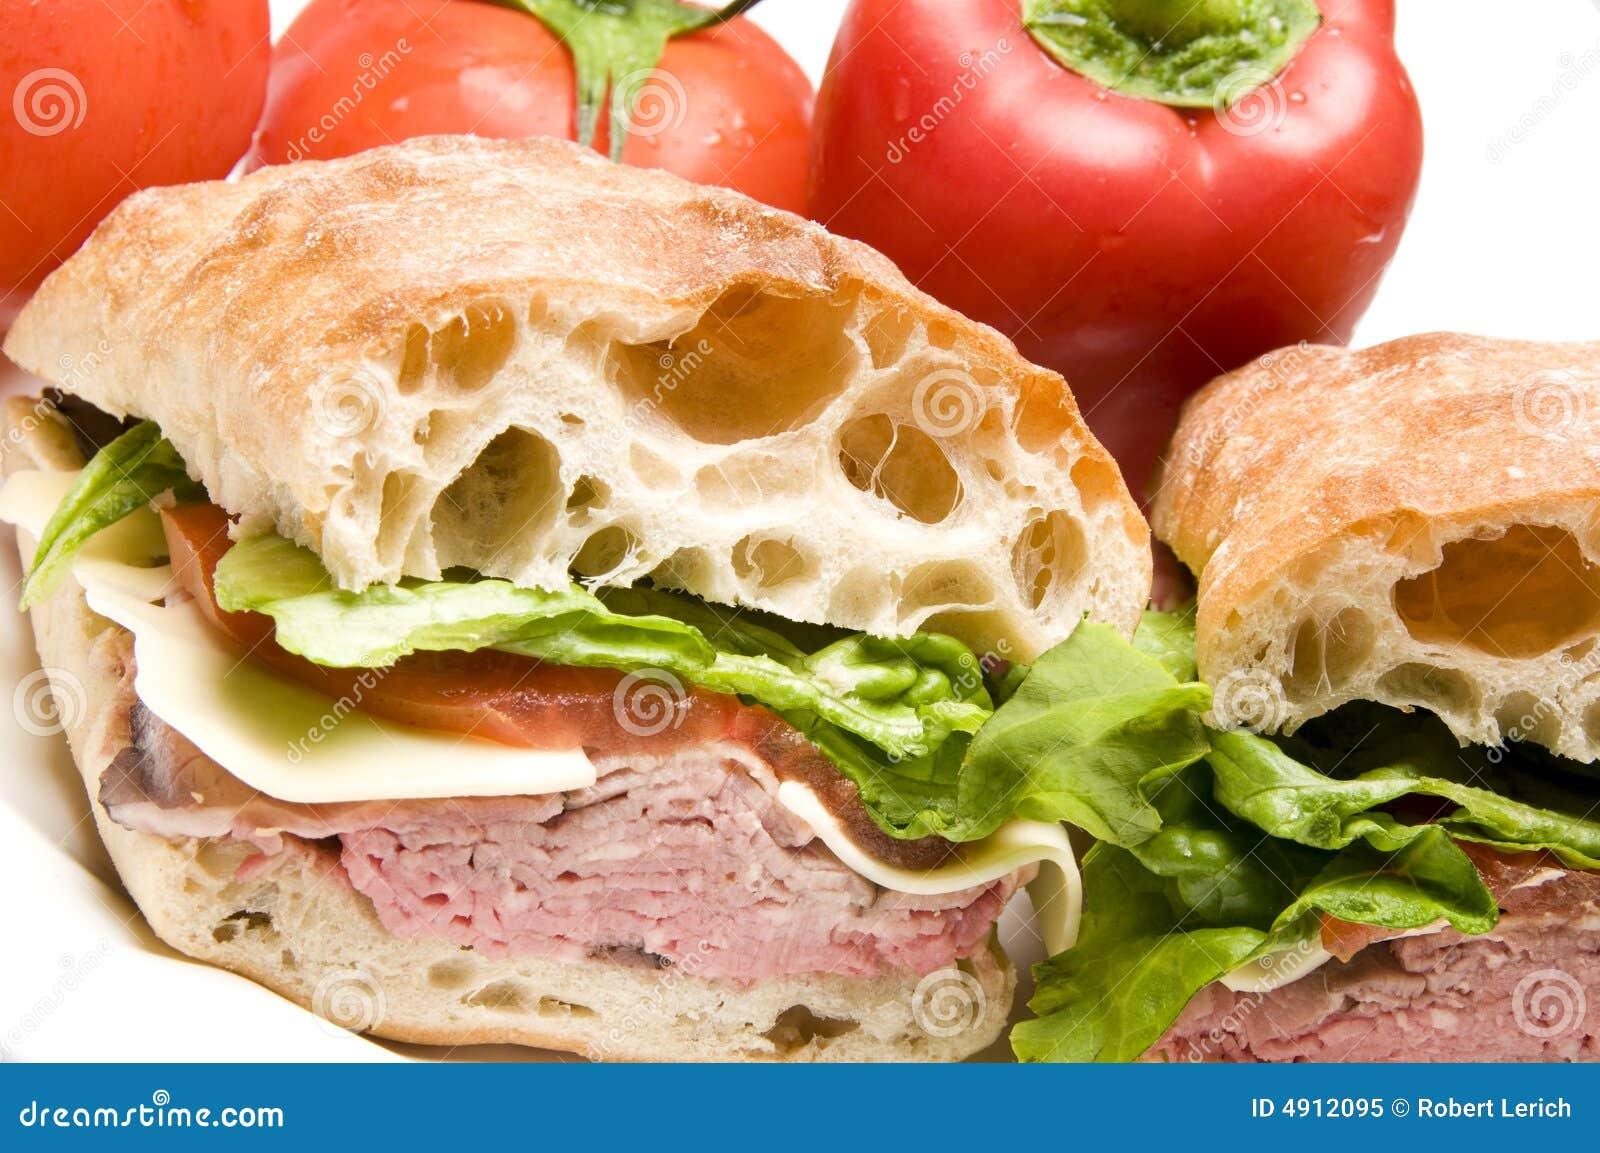 Salmon Salad Sandwiches On Ciabatta Recipe — Dishmaps